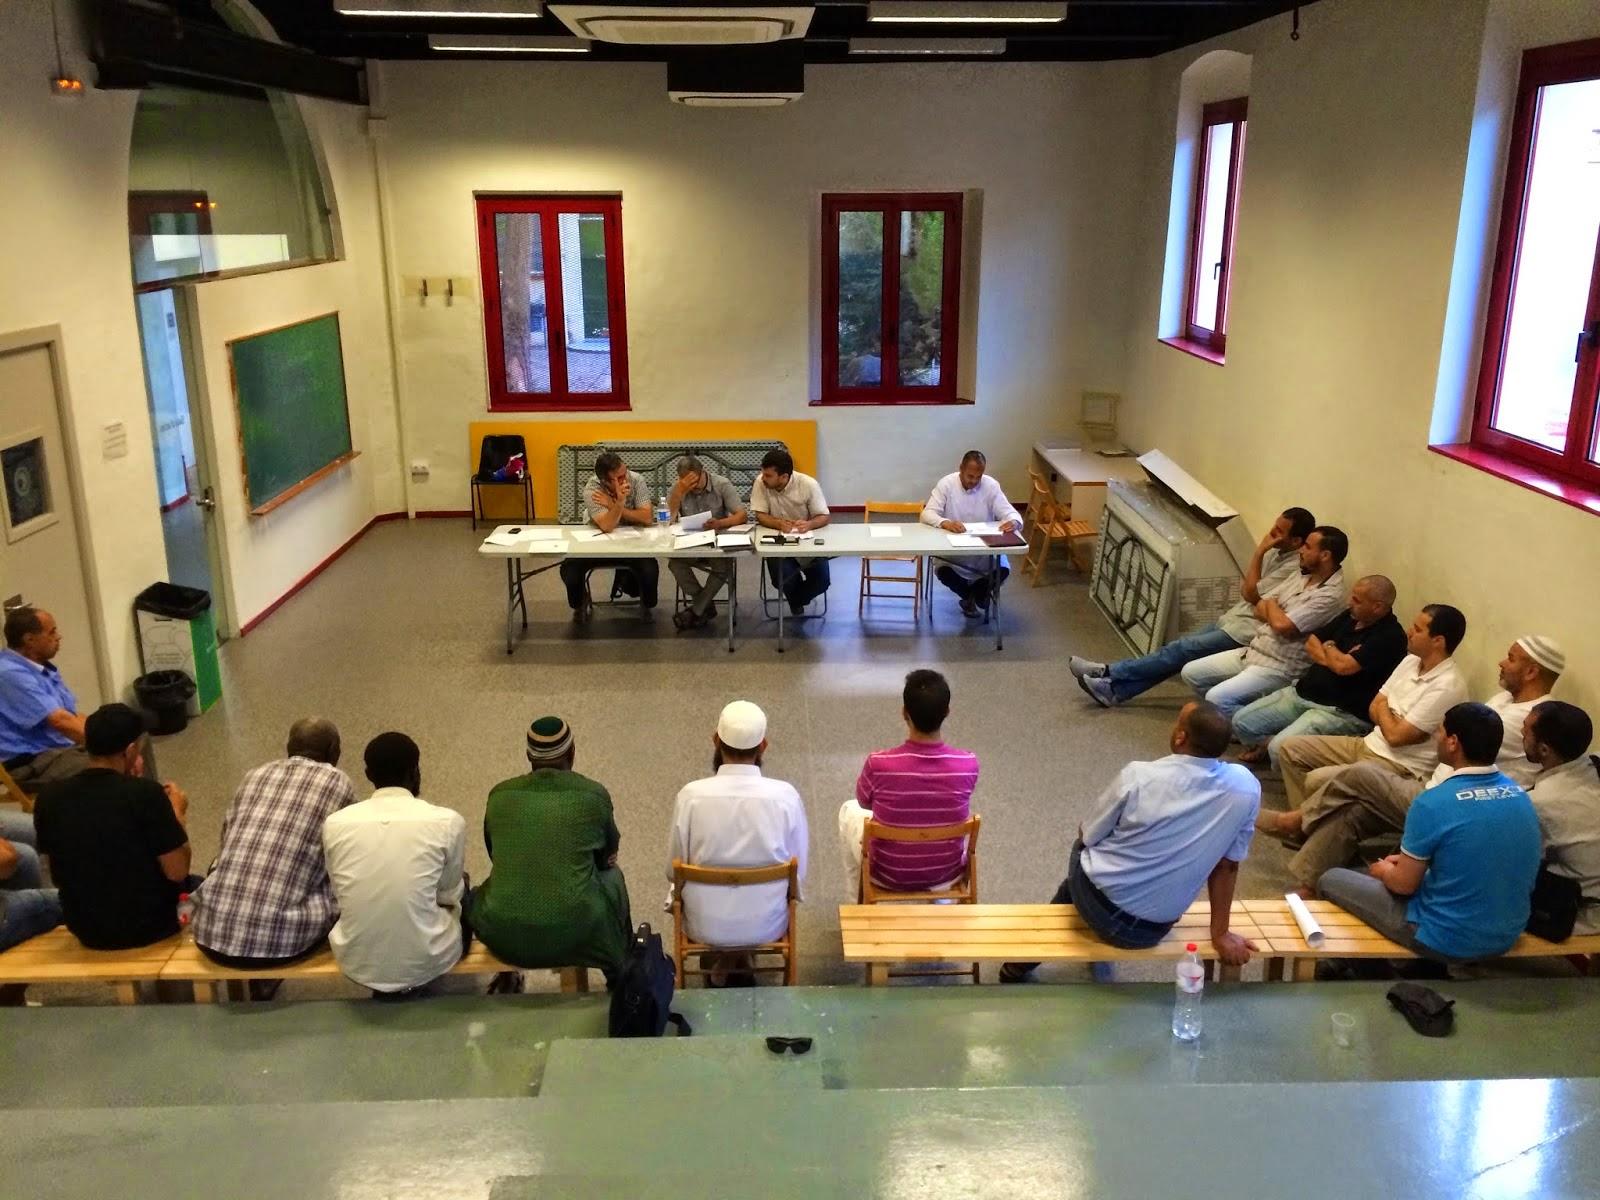 La Comunidad Islámica Achoura de Granollers celebra su asamblea general extraordinaria